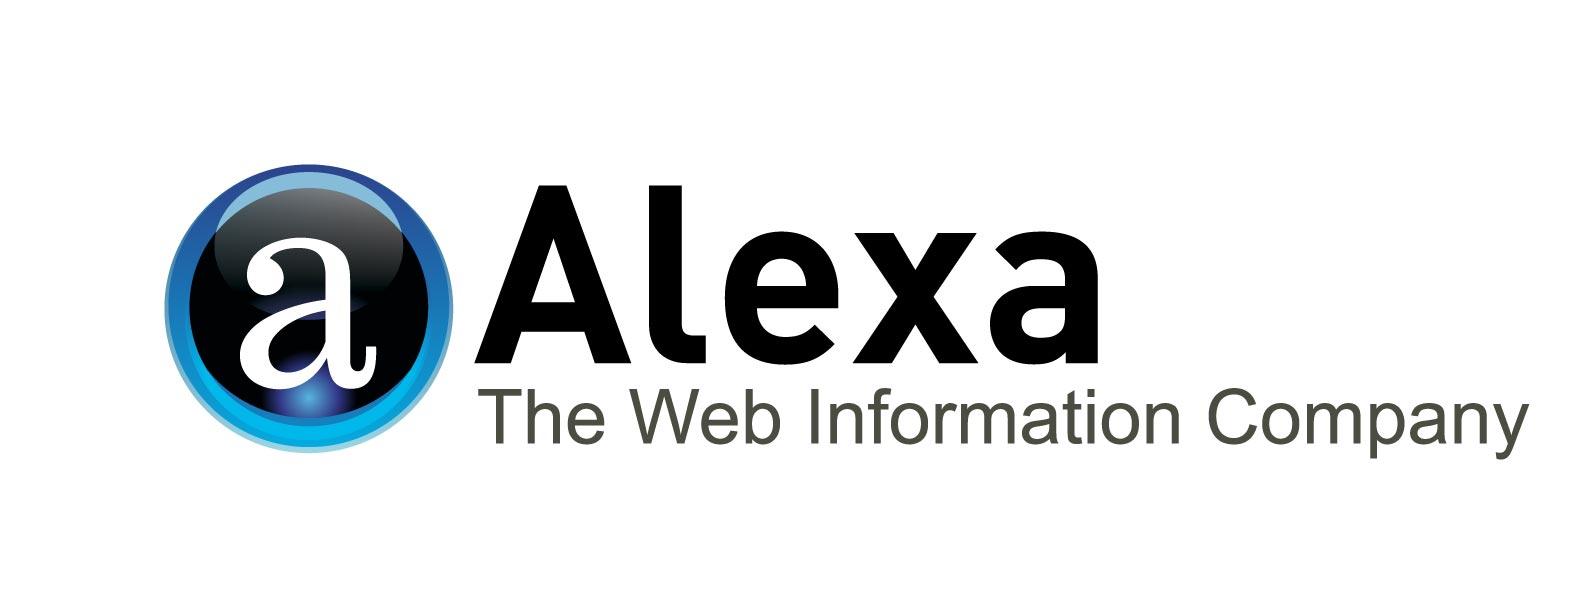 Cara Terbaru Merampingkan alexa dengan cepat